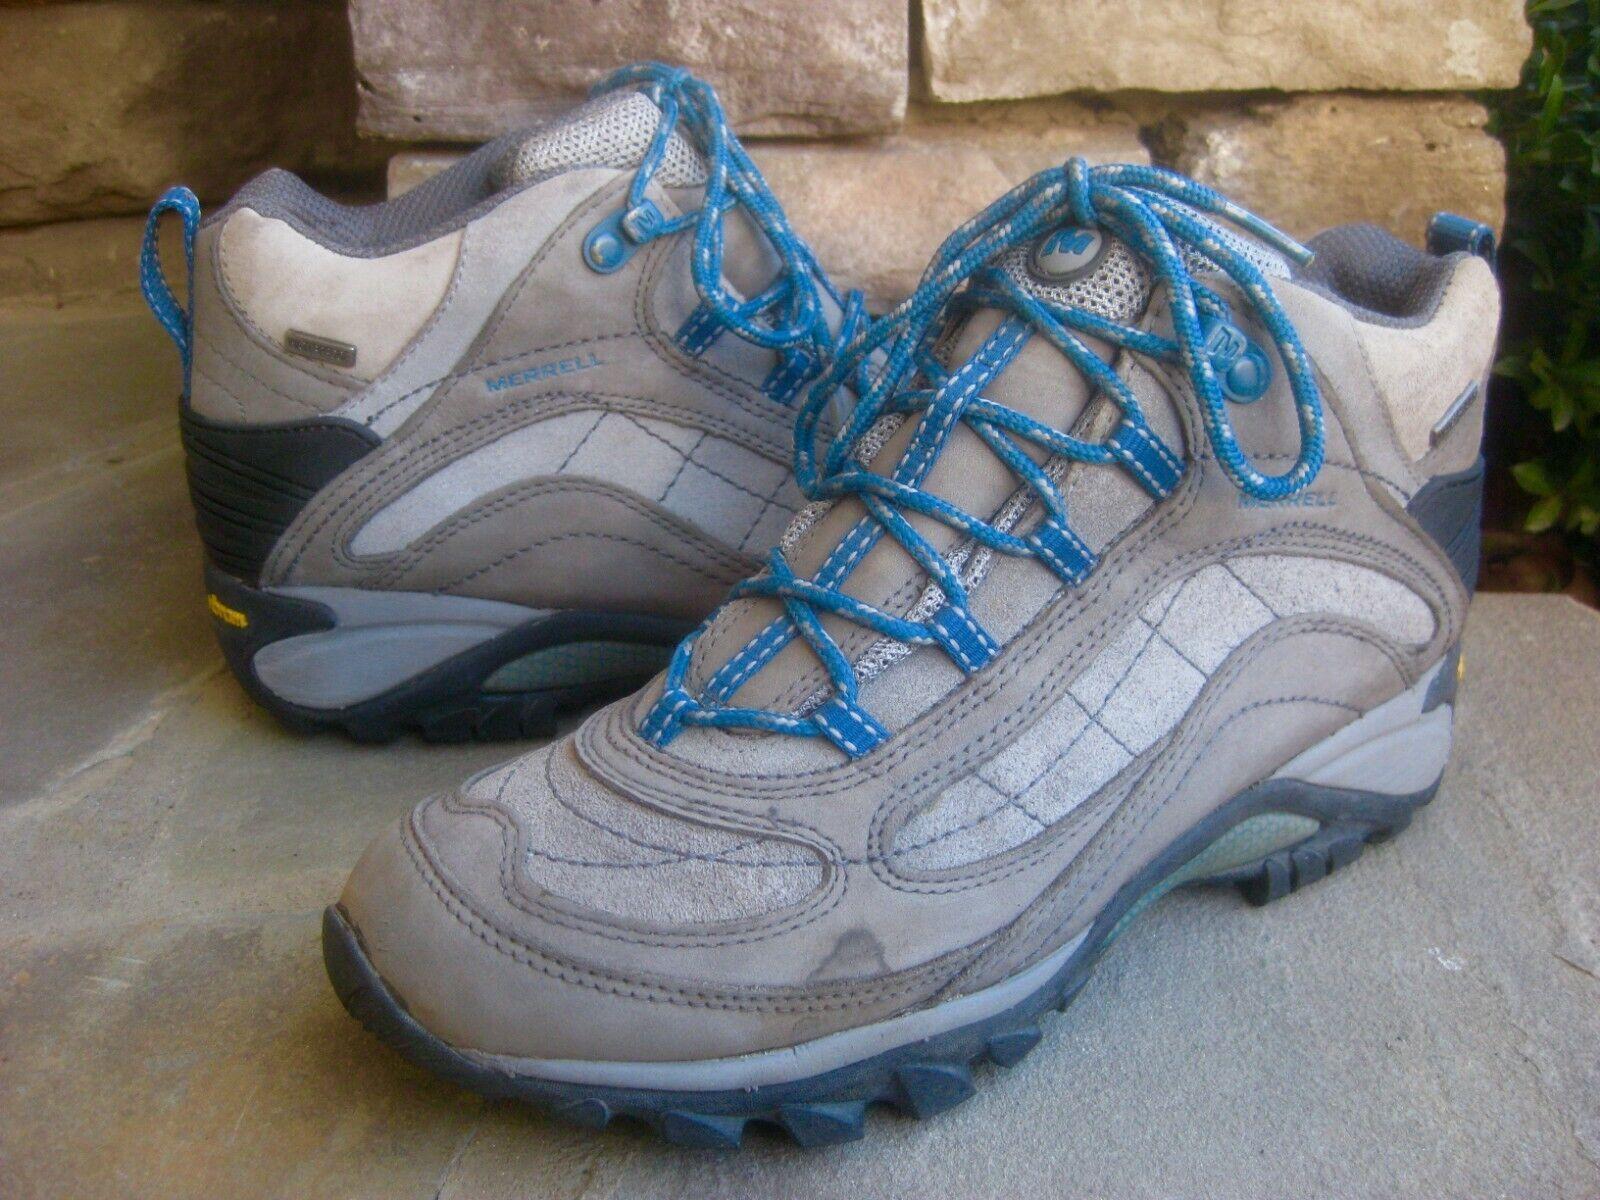 MERRELL Women s Siren Mid Waterproof Hiking Boot Castle Rock/Blue Sz 9.5M - $9.99